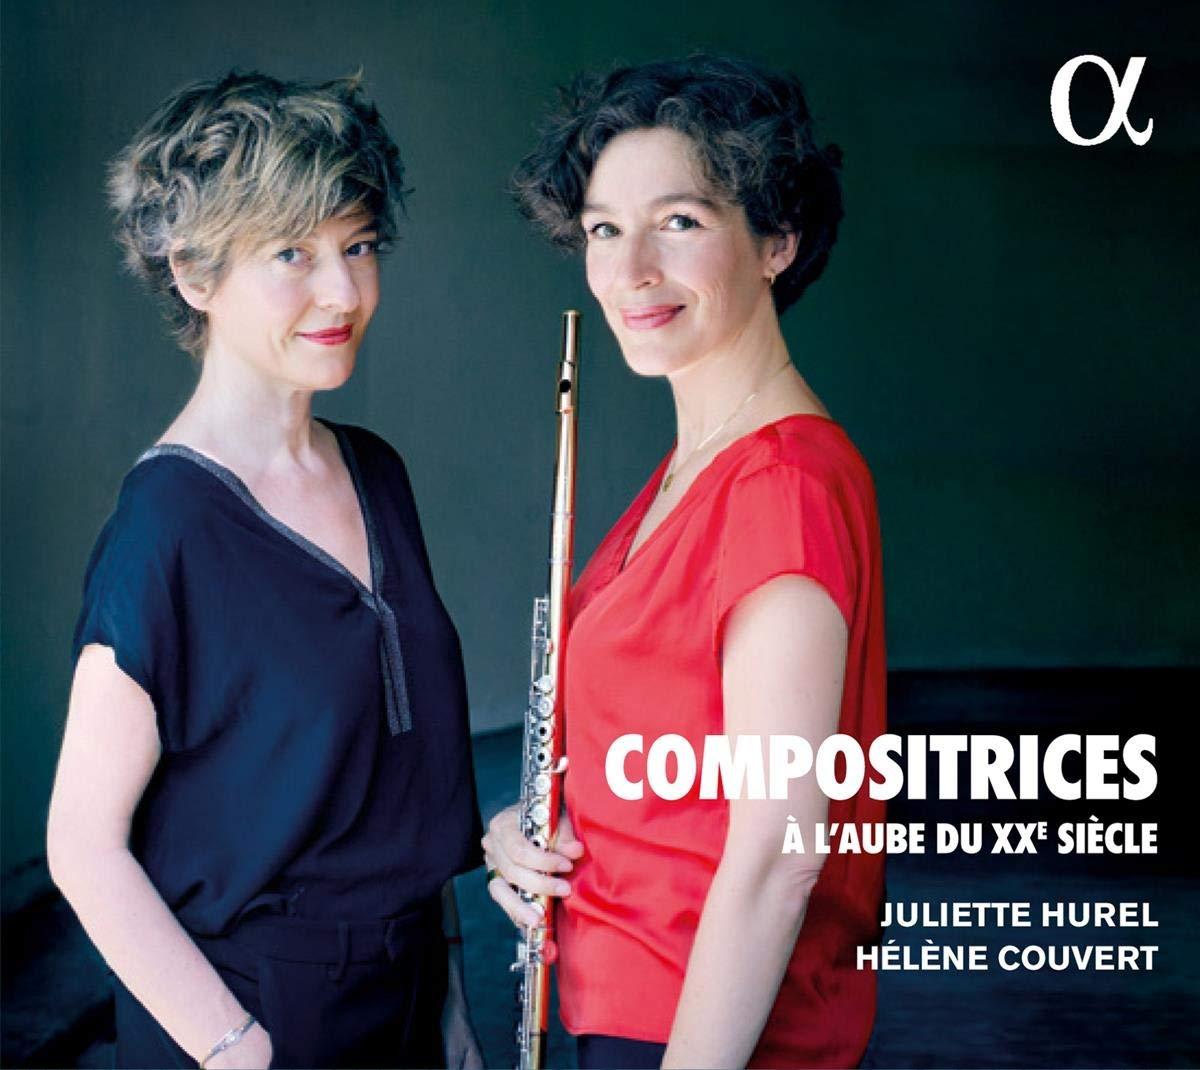 Juliette Hurel en Hélène Couvert vereeuwigen vrouwelijke componisten van begin 20eeeuw